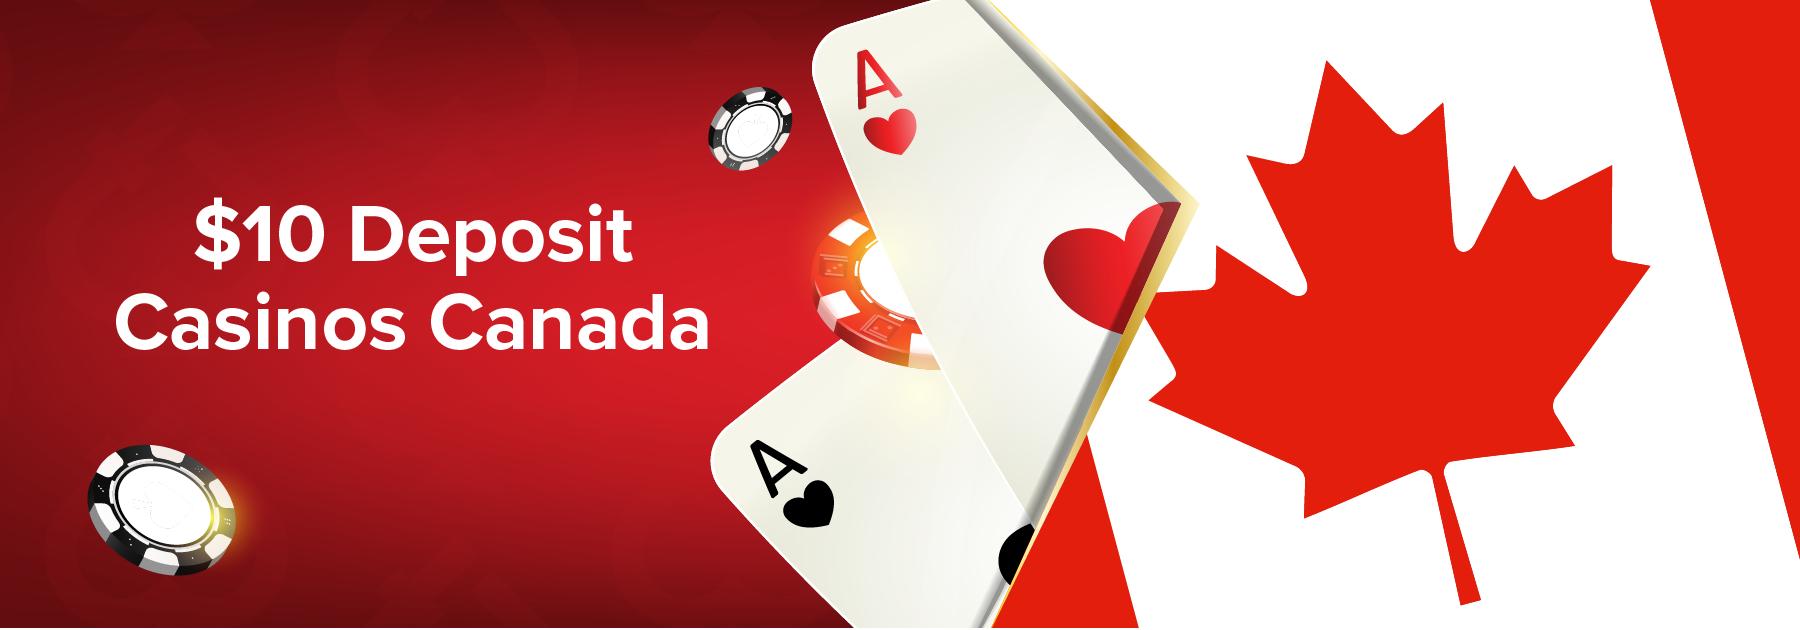 C$10 Deposit Casinos in Canada